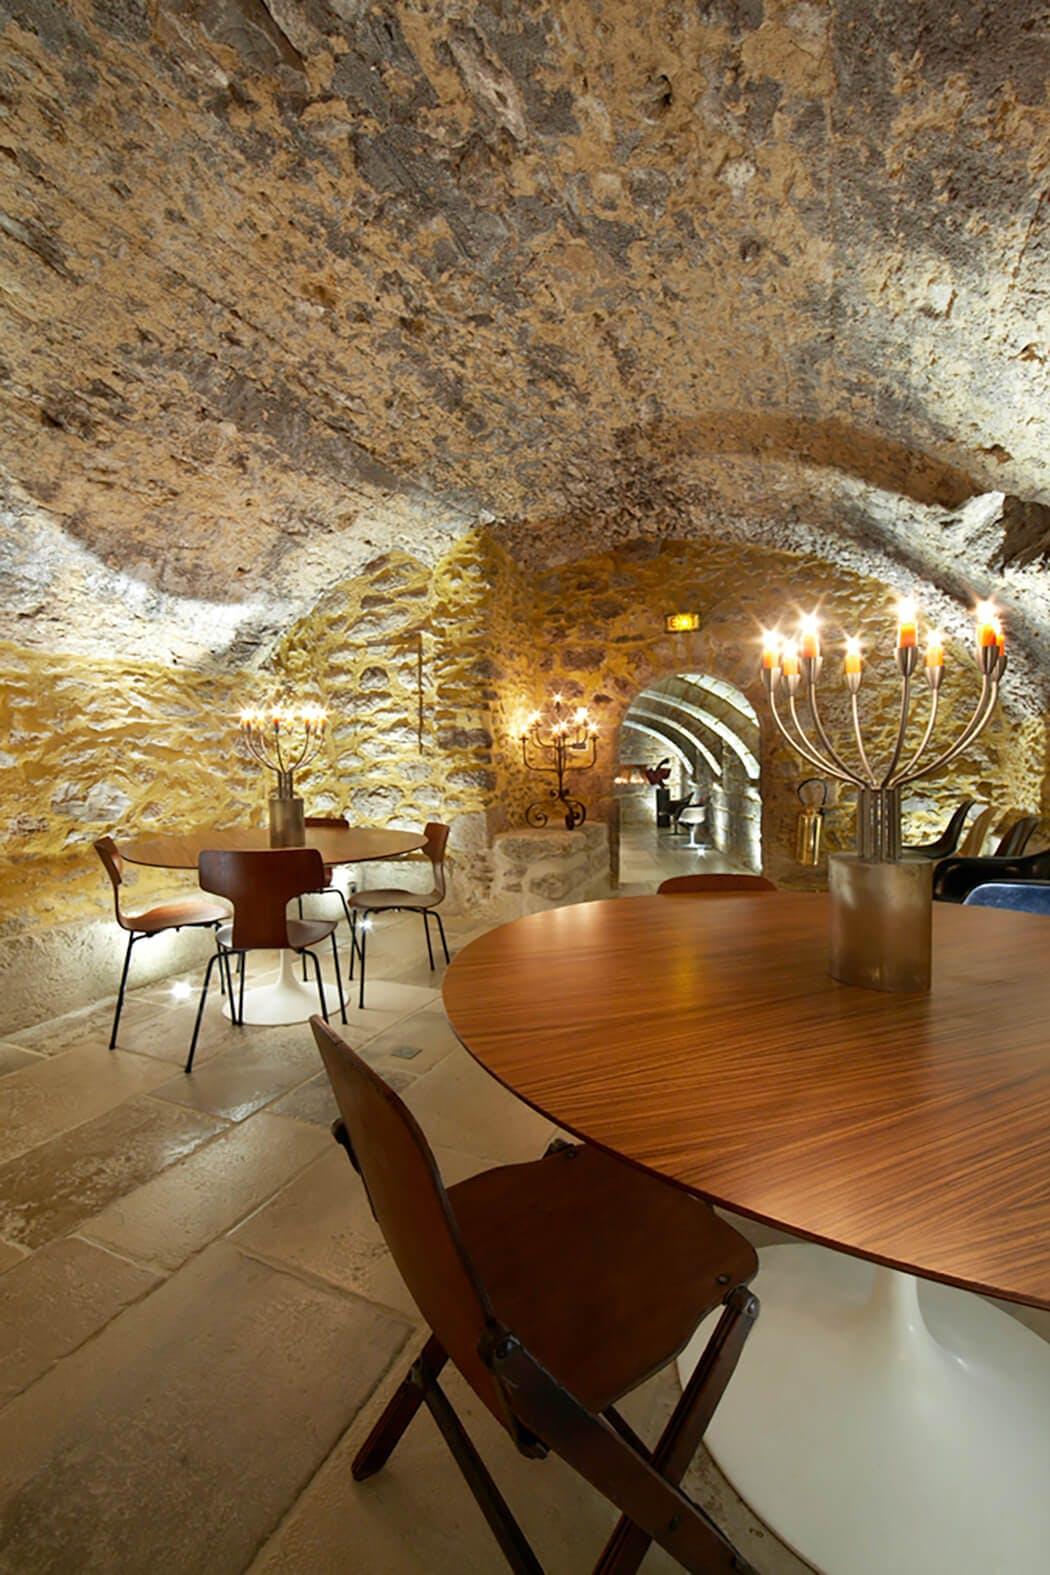 Jeux de lumières pour mettre en valeur cette superbe cave voûtée